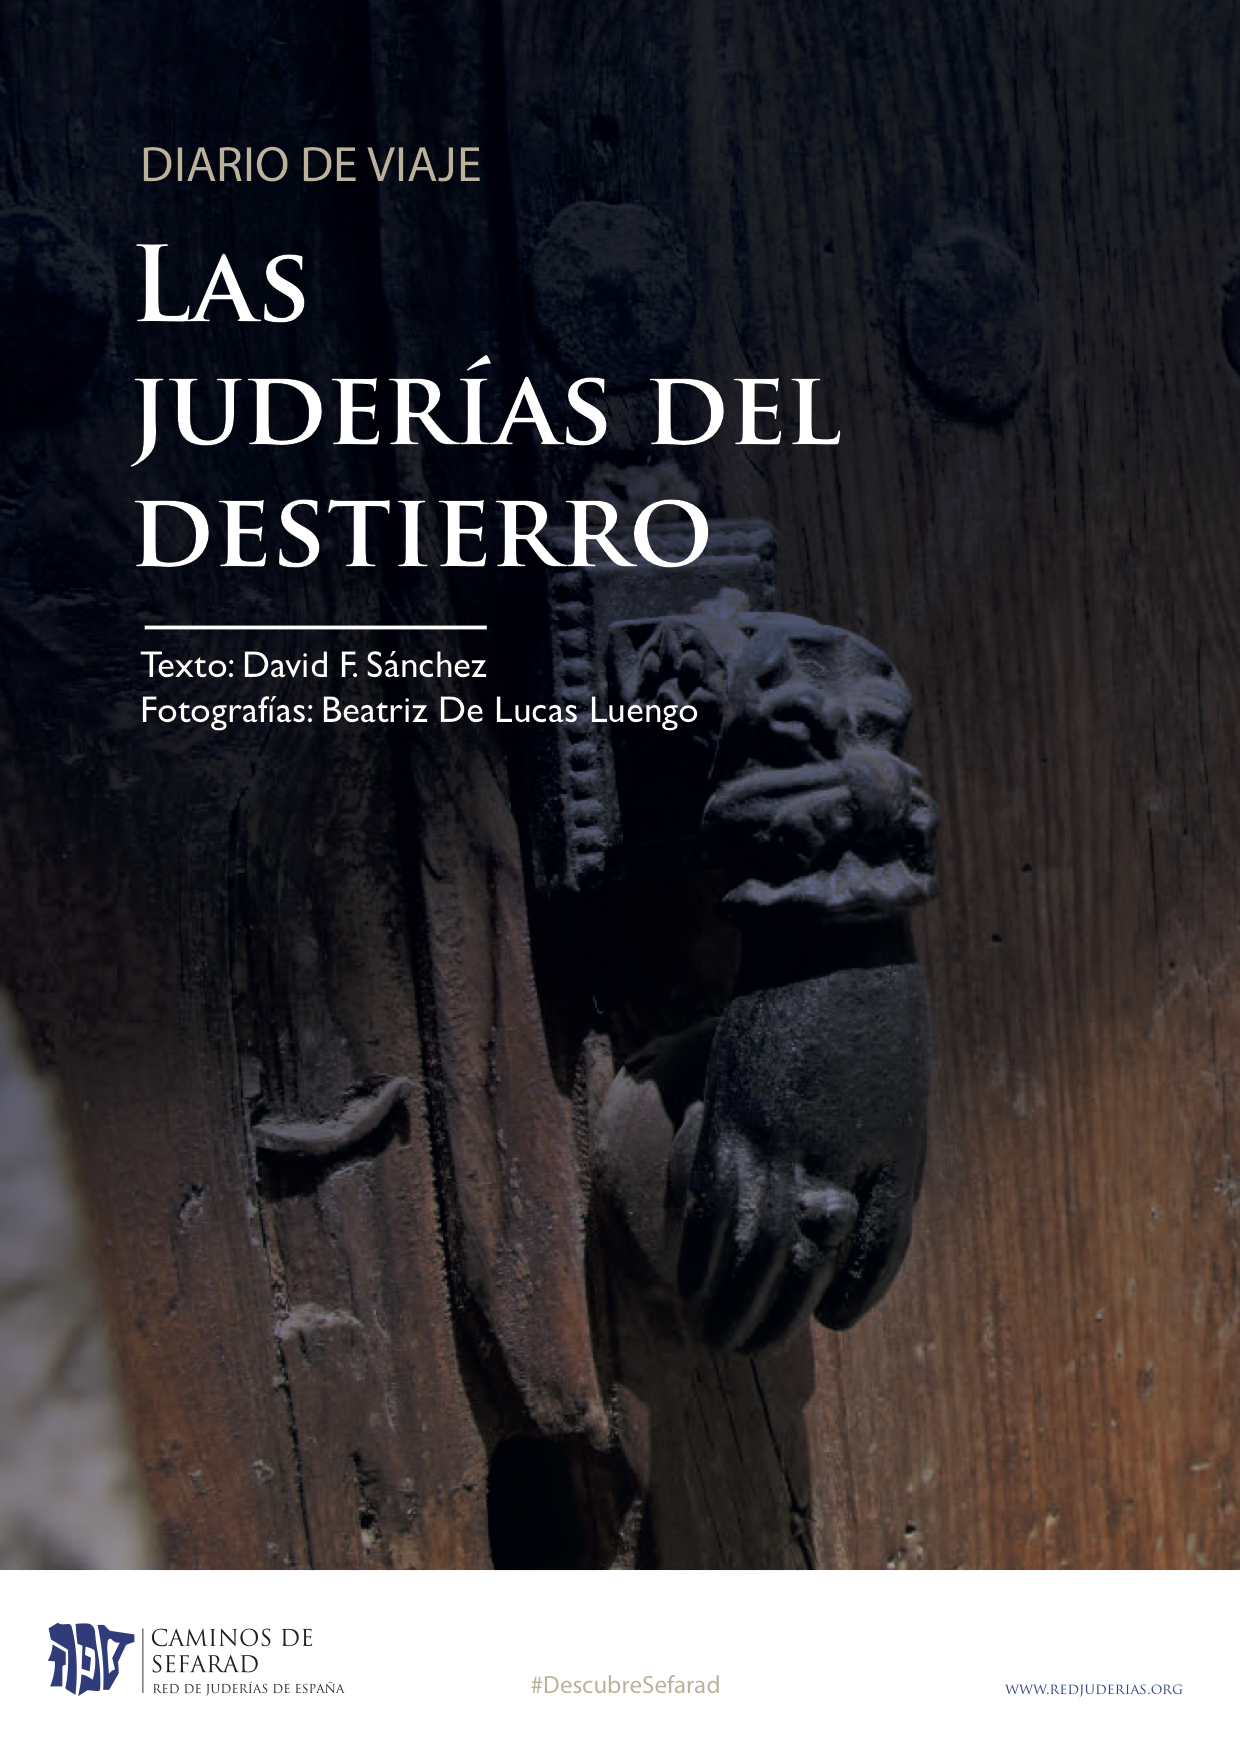 DIARIO DE VIAJE-LAS JUDERIAS DEL DESTIERRO-DESCUBRE SEFARAD